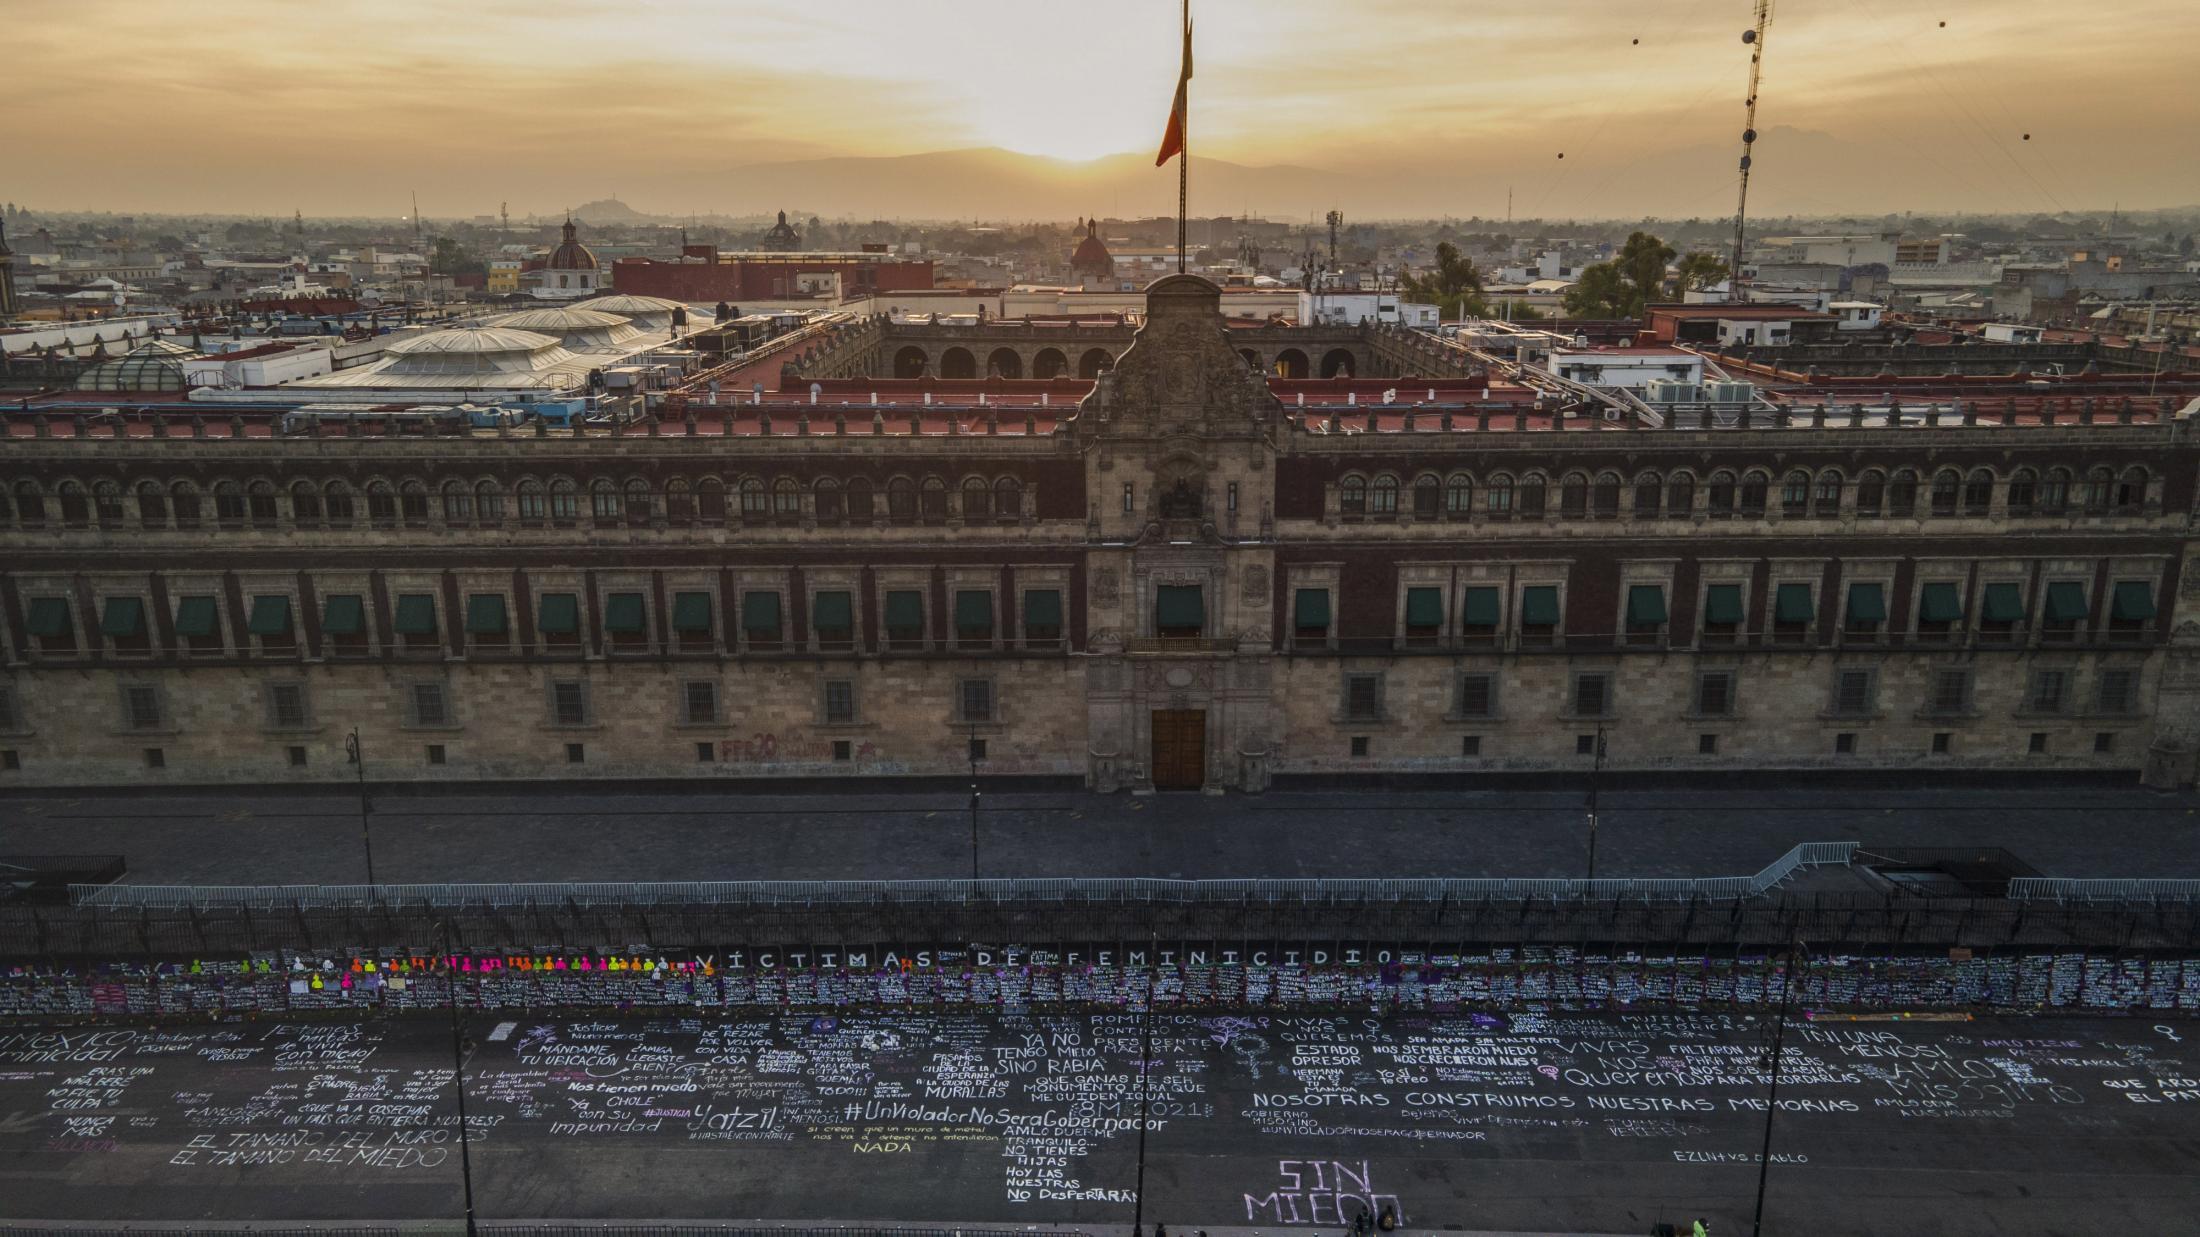 Vista aerea del Palacio Nacional resguardado por vallas antimotines que fueron intervenidas por mujeres, colocando los nombres de víctimas de feminicidio, en el marco del 8M Día Internacional de la Mujer. El 08 de Marzo del 2021., En la Ciudad de México, México.